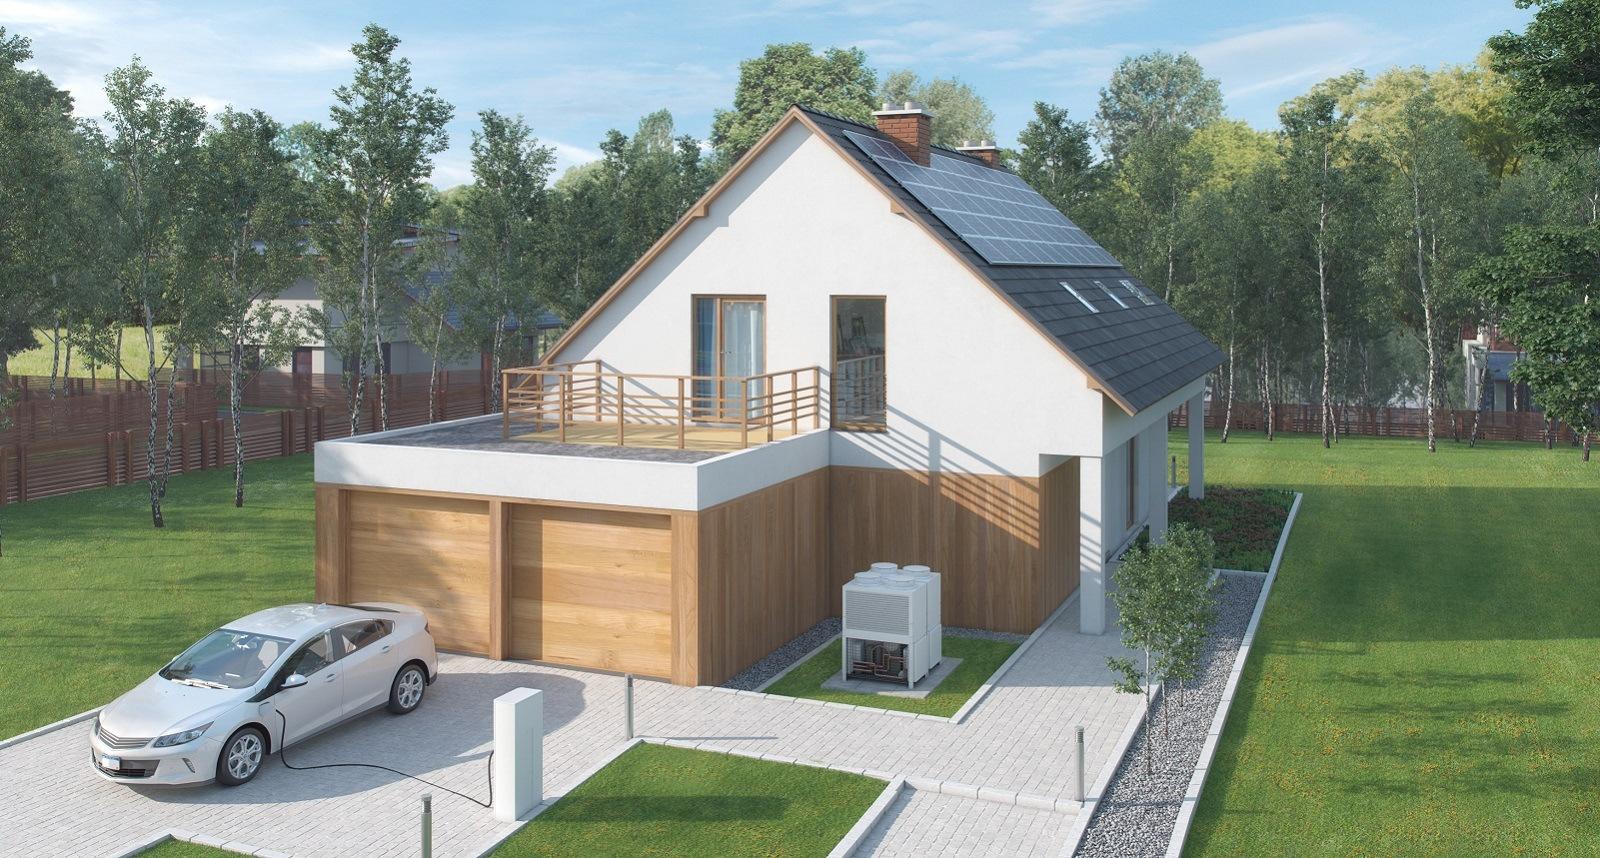 Comment Créer Un Garage Toit Plat Beton ? - Agrandir Ma Maison dedans Terrasse Toit Plat